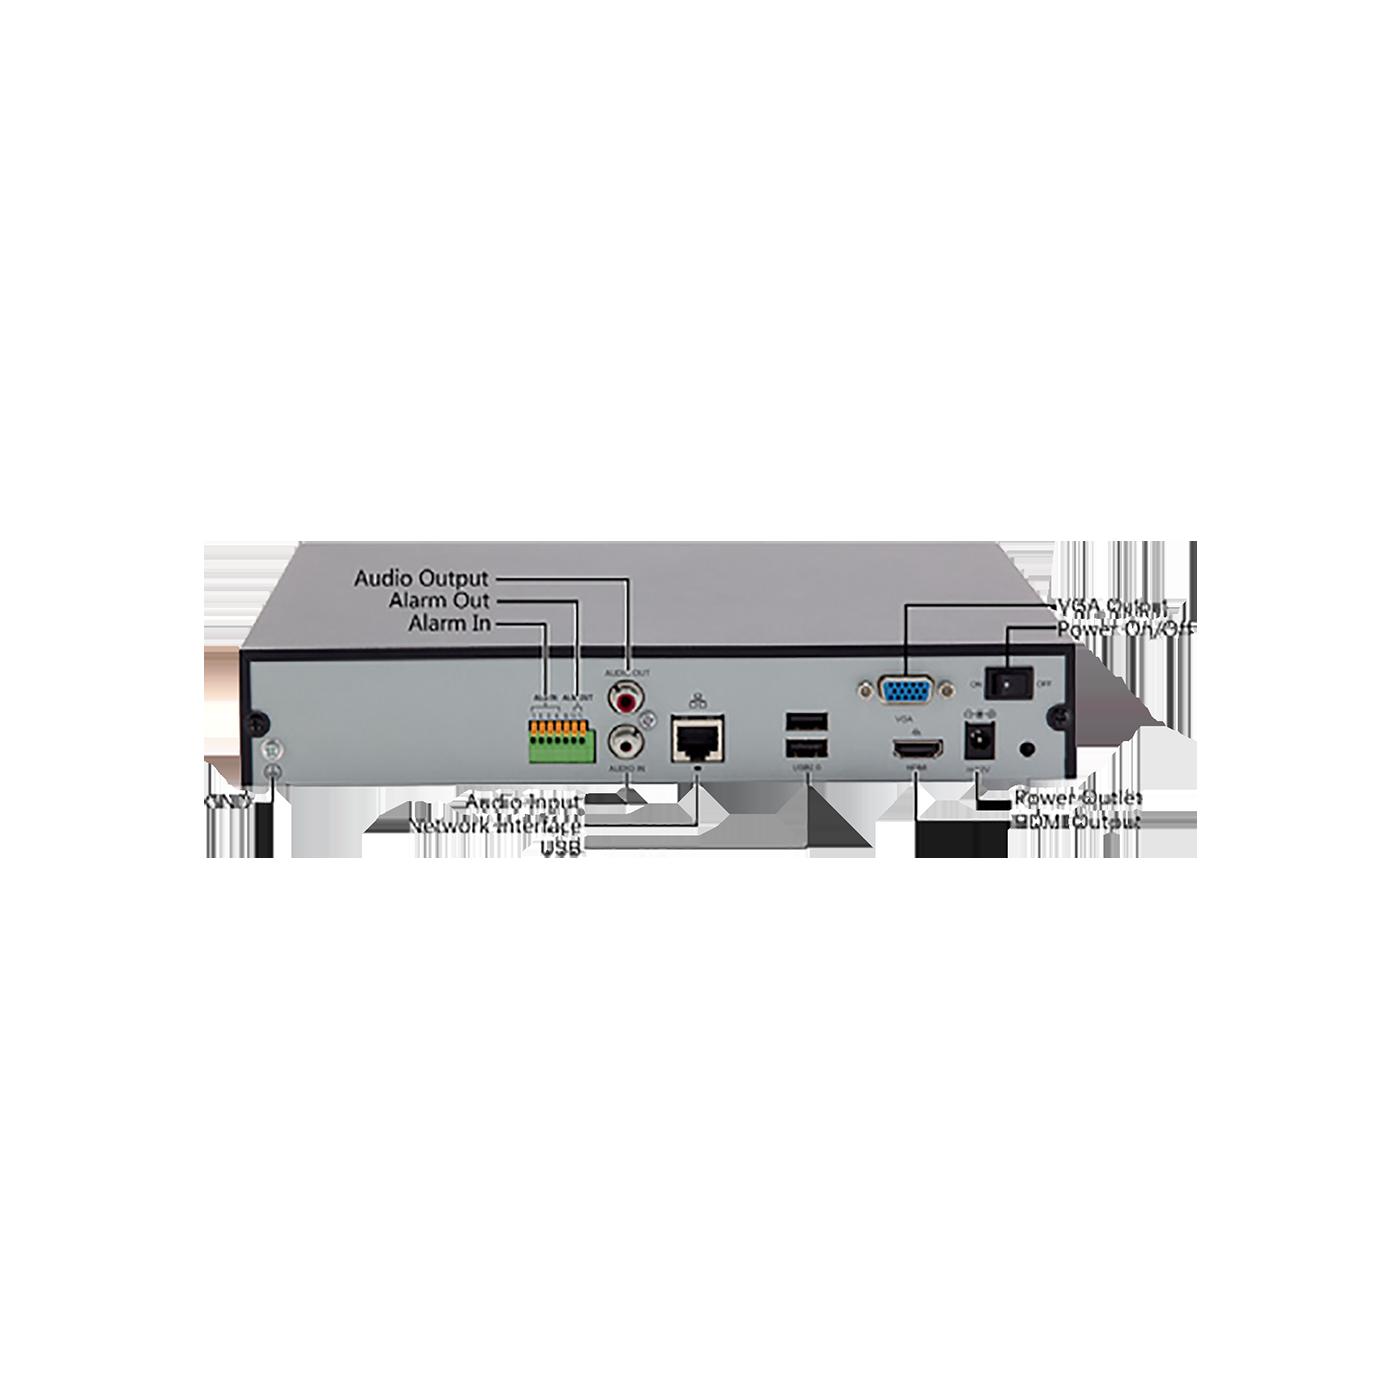 NVR-301-16E